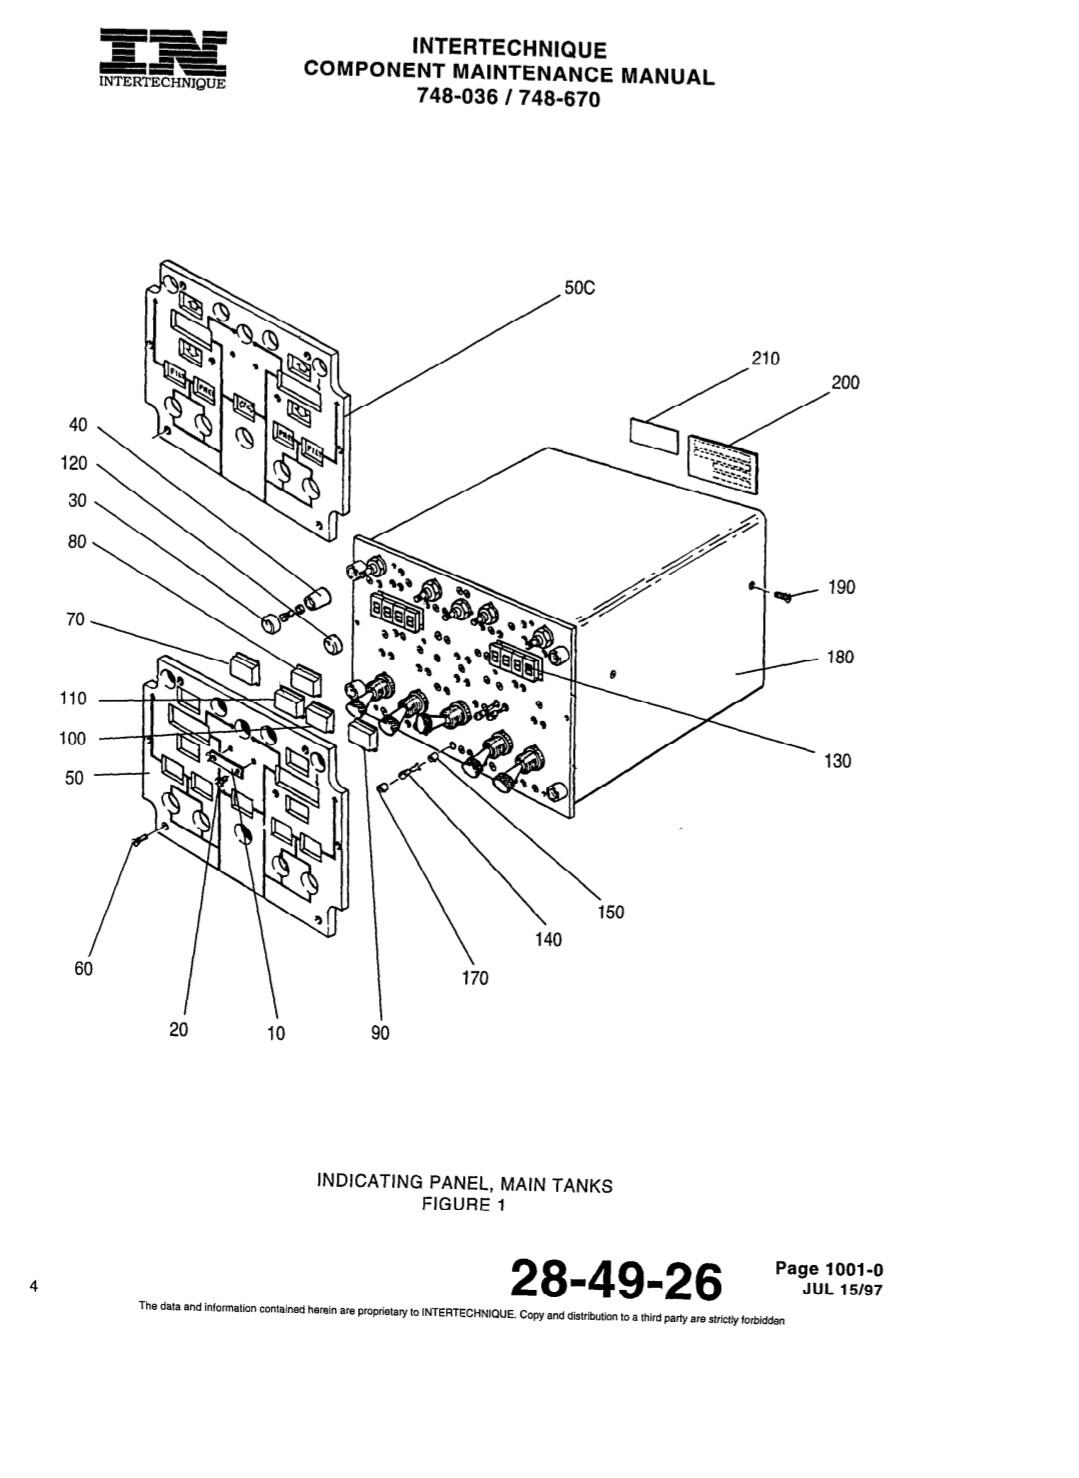 PN. 748-039 / 748-670 fuel control panel